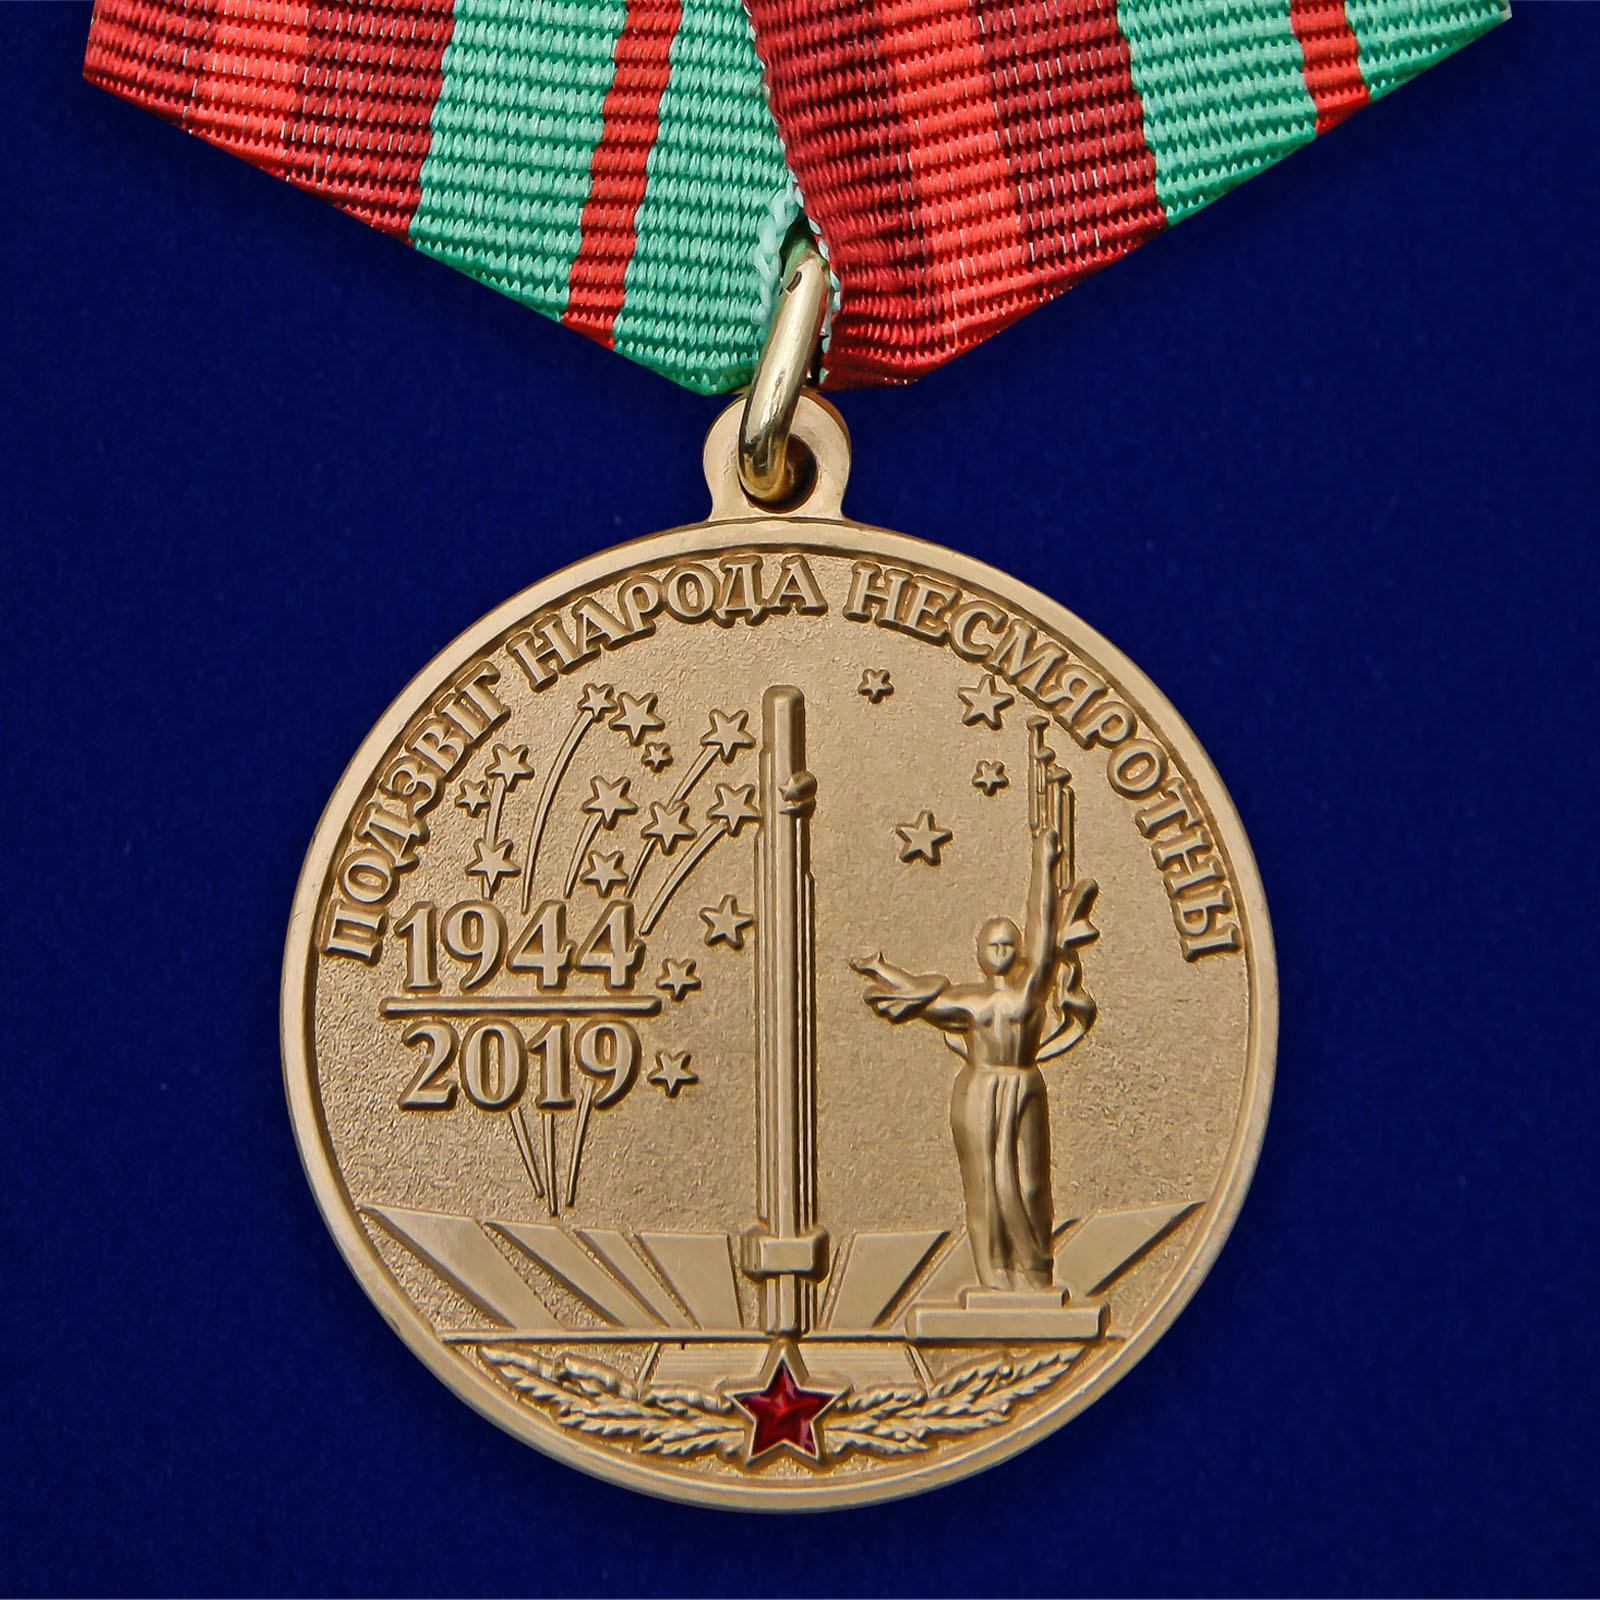 Купить медаль День освобождения Беларуси от немецко-фашистских захватчиков на подставке в подарок